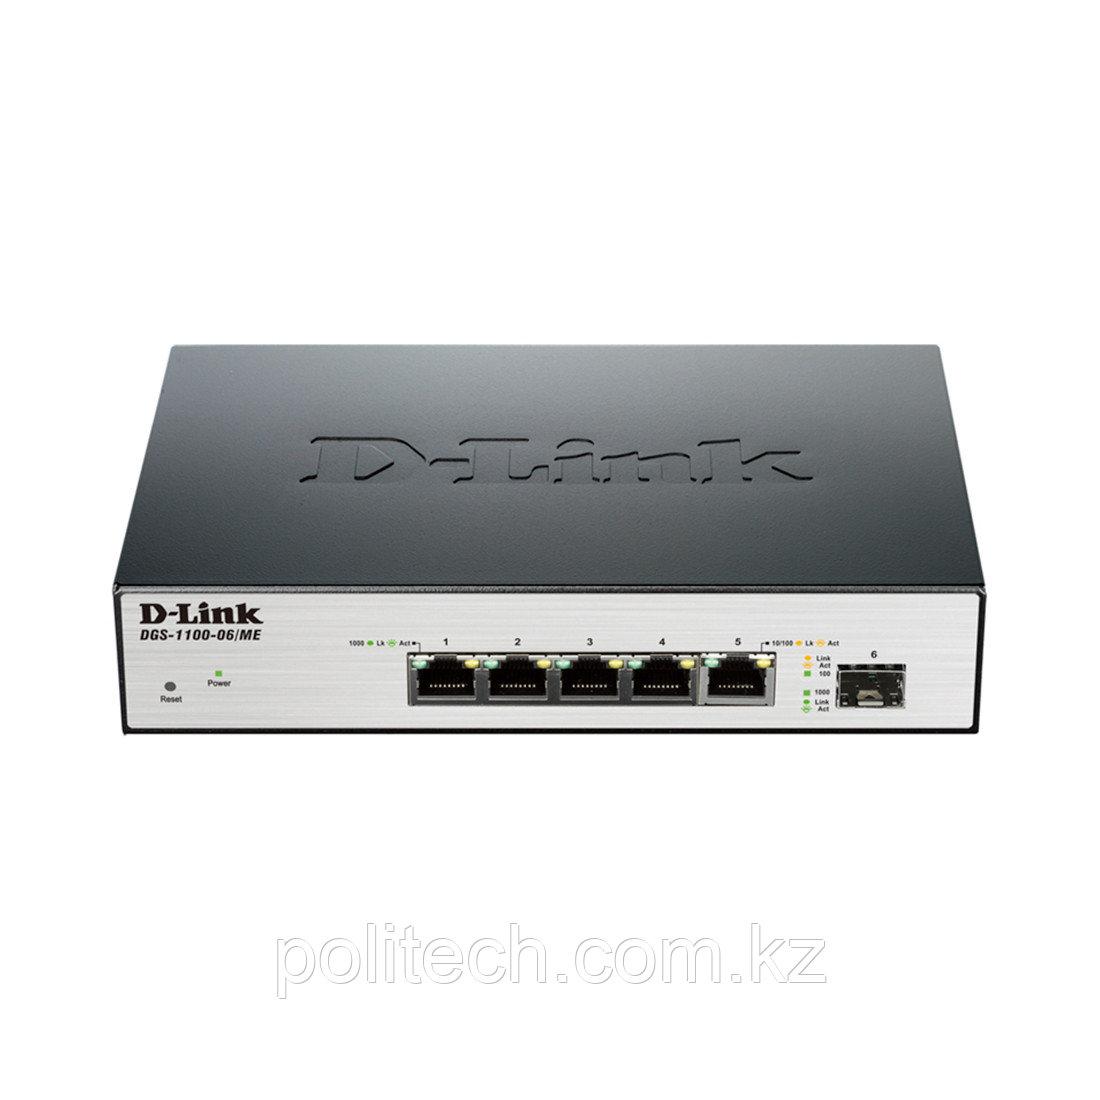 Коммутатор D-Link DGS-1100-06/ME/A1B